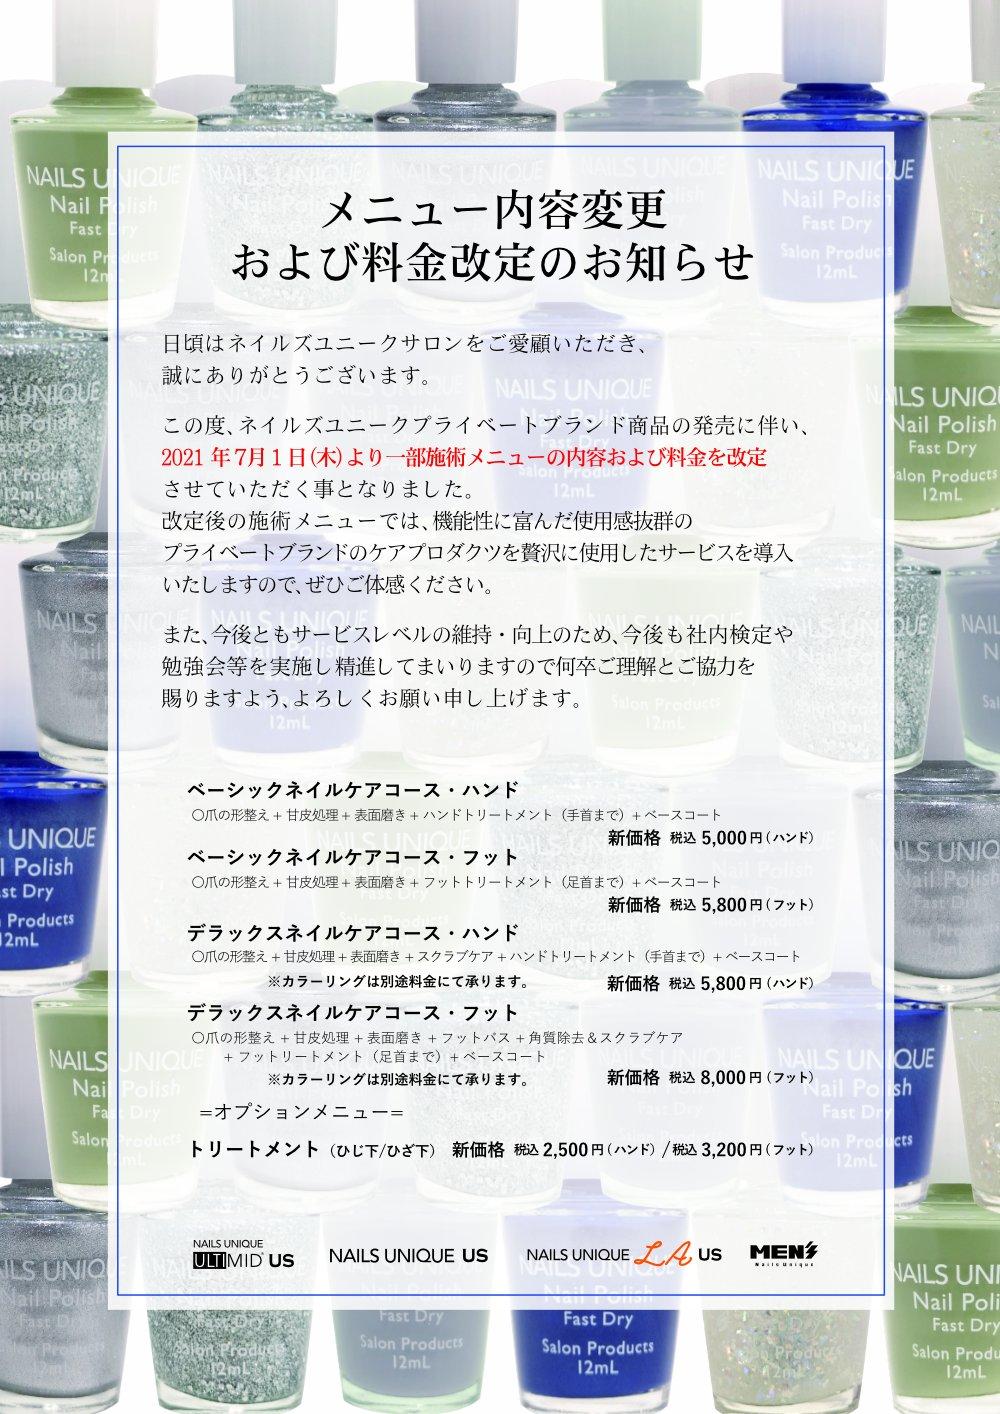 価格改定のお知らせメンズ色限定バージョン.jpg